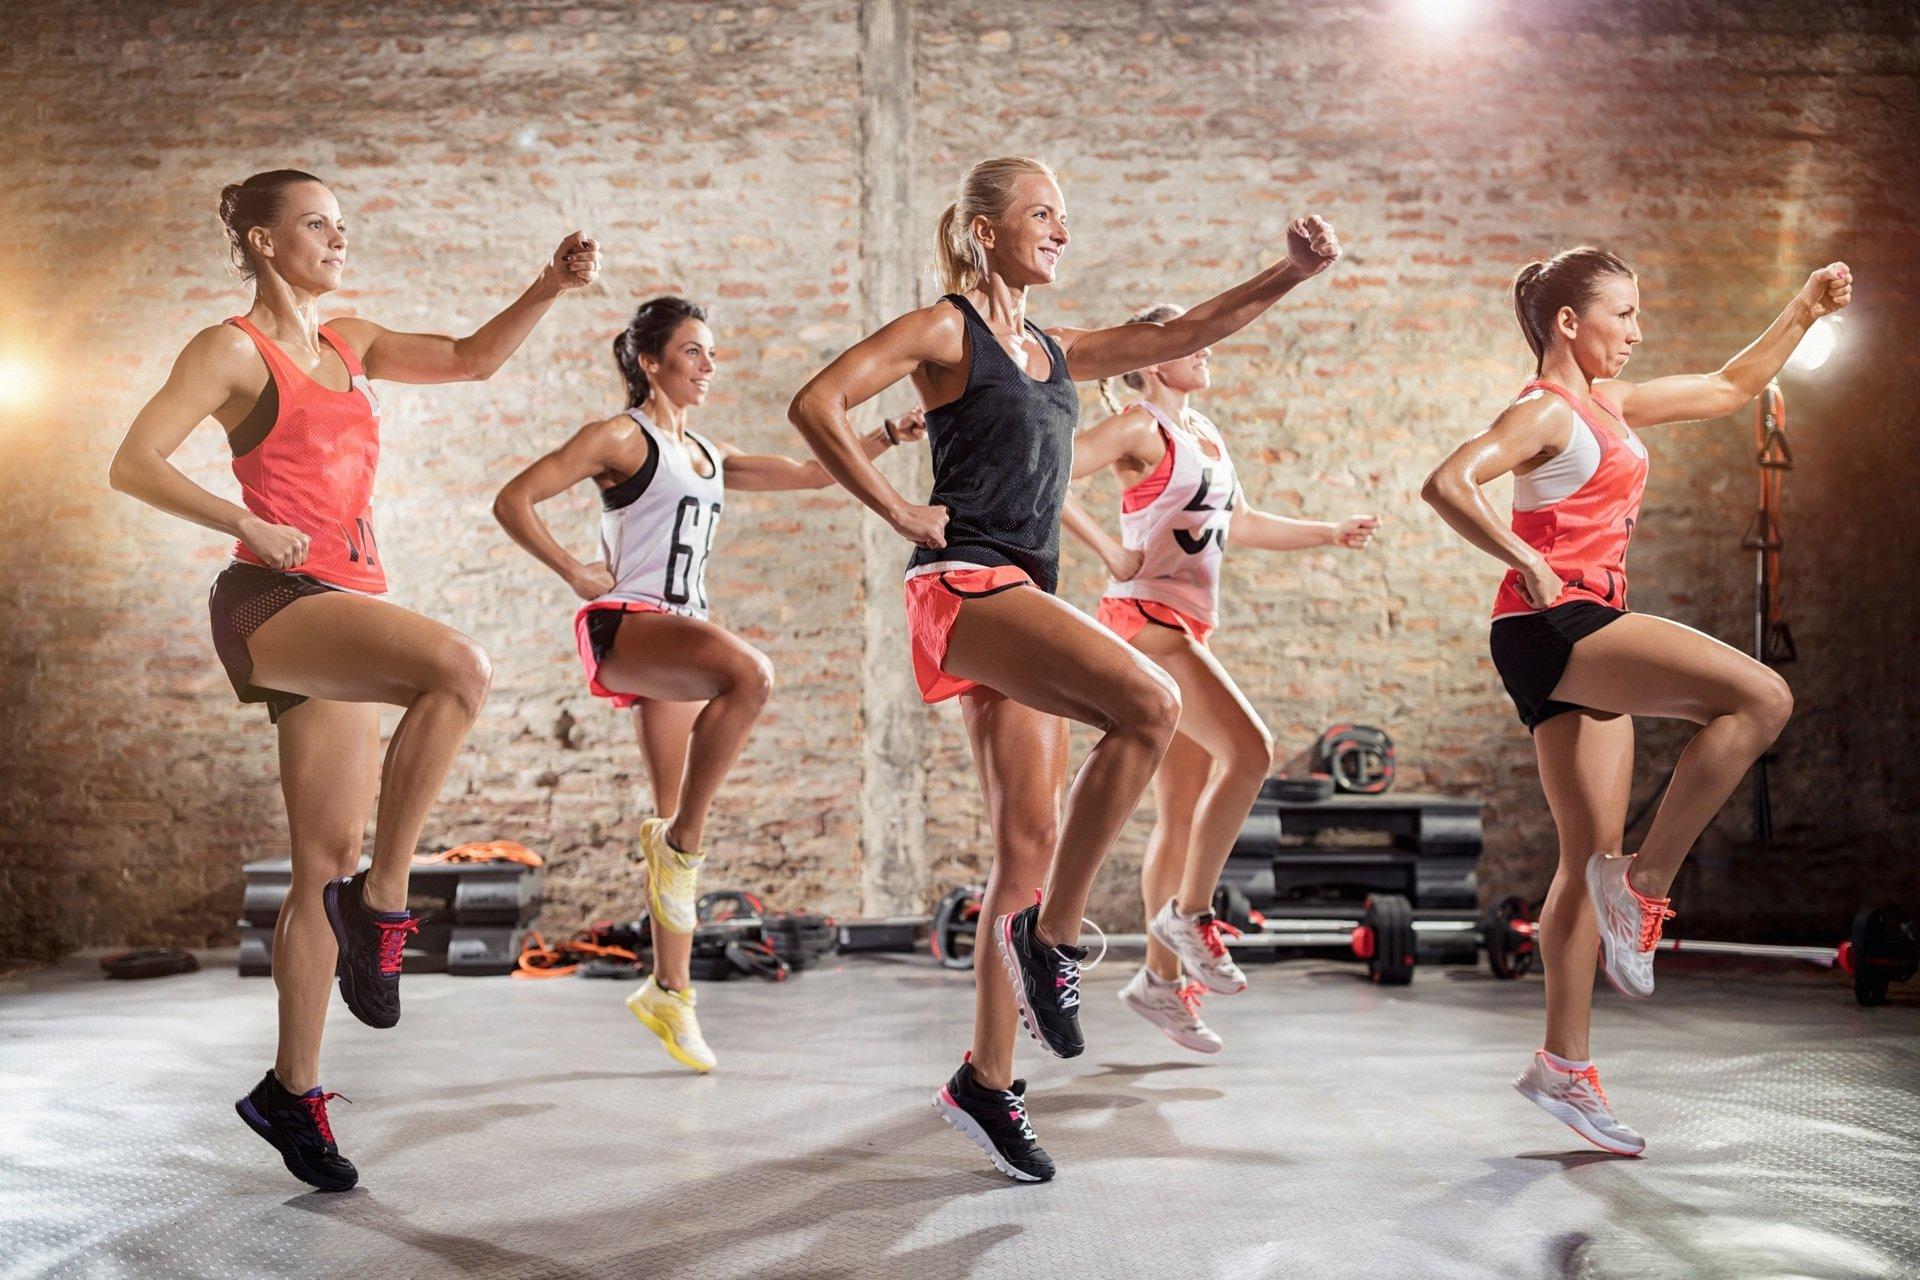 Спорт помогает снизить риск диабета у подростков 9-13 лет